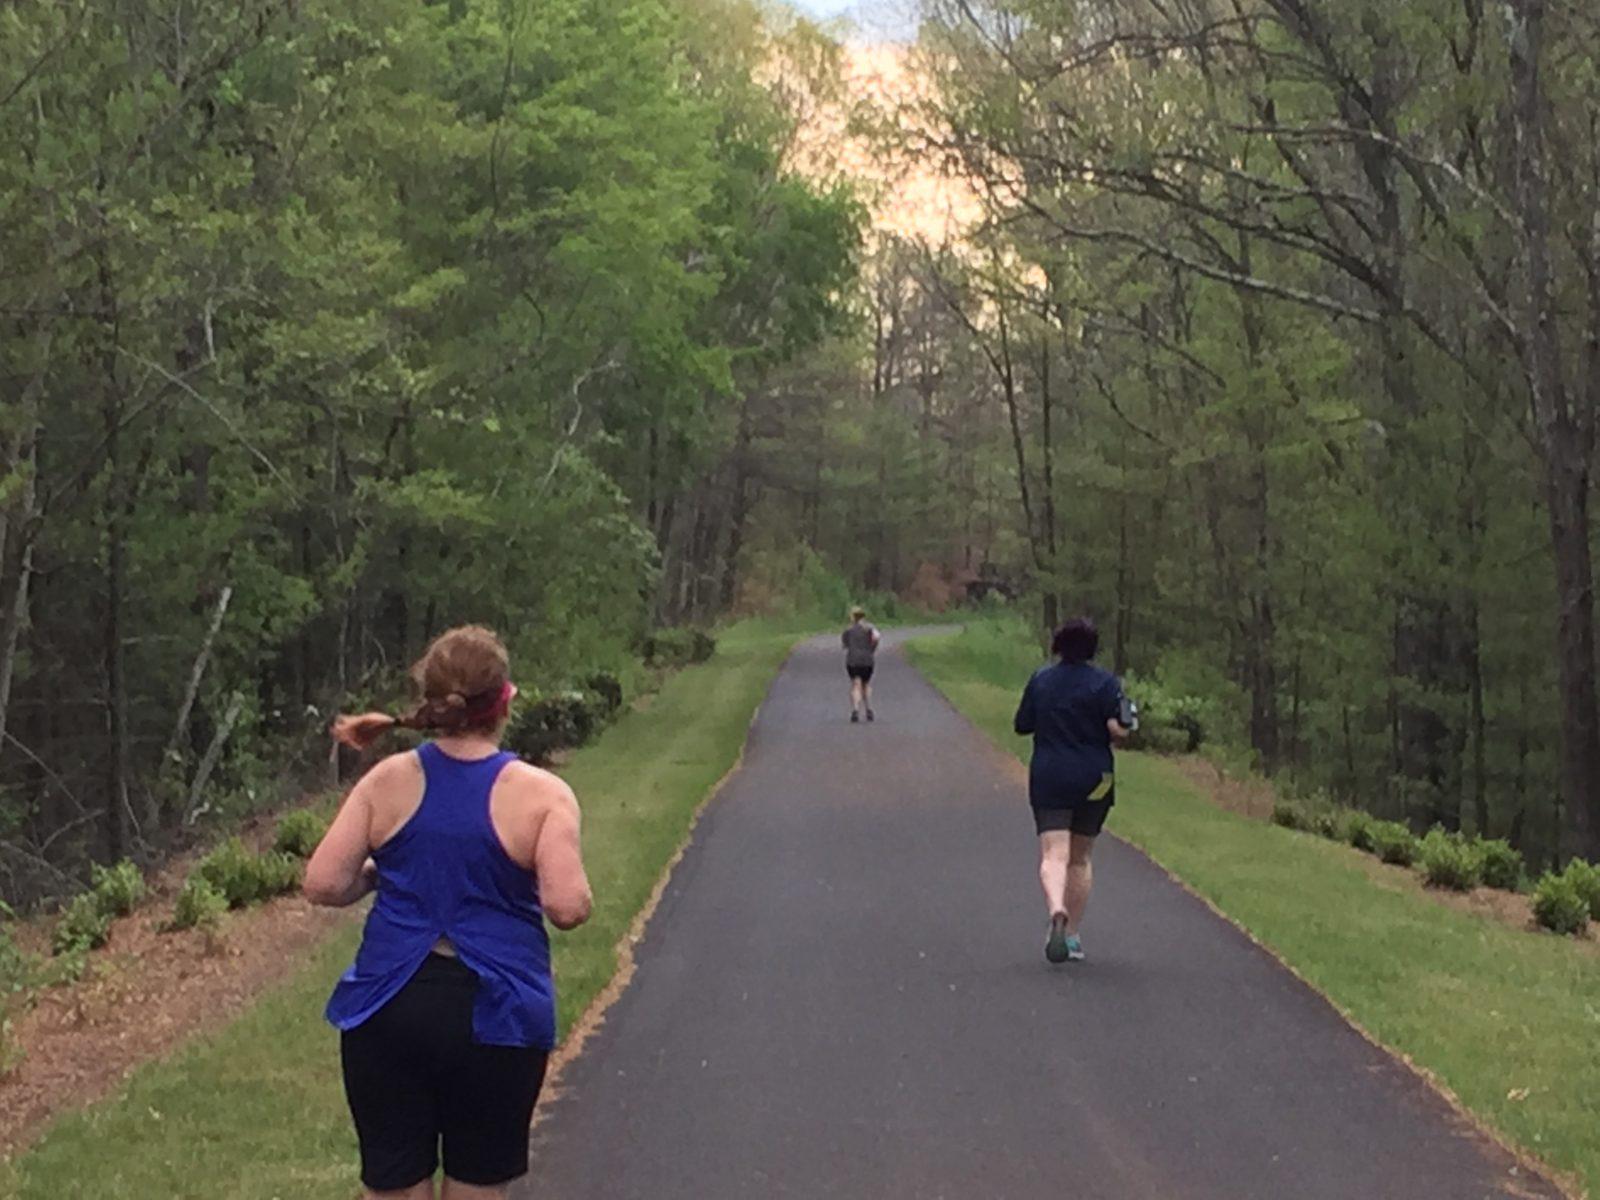 women runners outdoor